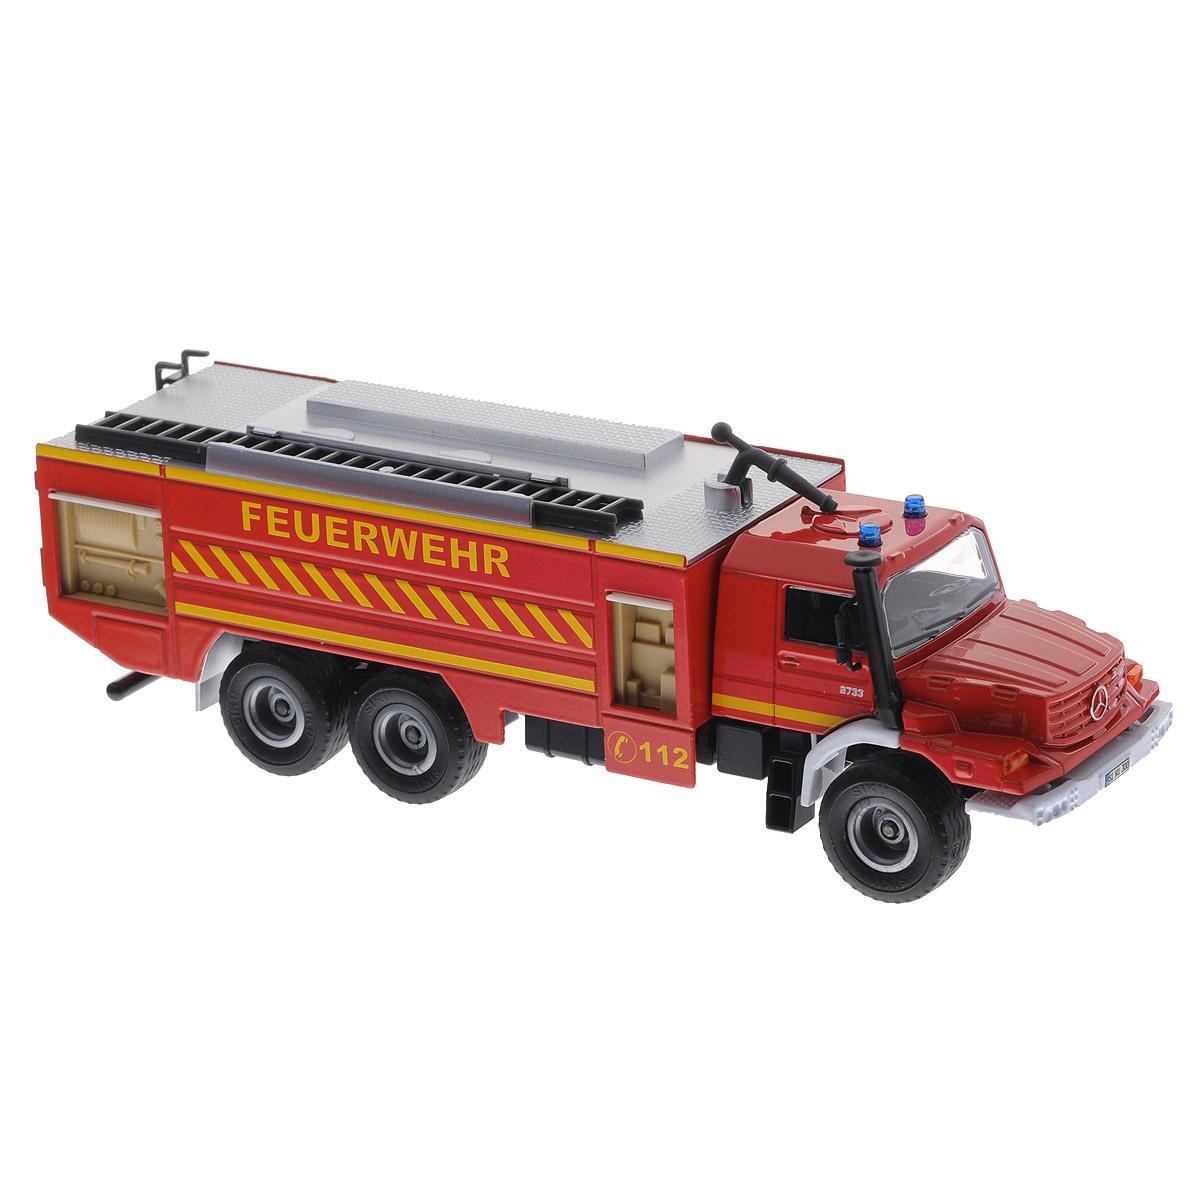 Siku Пожарная машина Mercedes-Benz Zetros2109Коллекционная модель Siku Пожарная машина Mercedes Zetros выполнена в виде точной копии пожарной машины в масштабе 1/50. Такая модель понравится не только ребенку, но и взрослому коллекционеру и приятно удивит вас высочайшим качеством исполнения. Корпус модели выполнен из металла, стекла кабины водителя изготовлены из прочного прозрачного пластика, колесики - из резины. Машина оформлена проблесковыми маяками из полупрозрачного пластика. Колесики модели вращаются. Водомет на крыше машины вращается, лестница съемная. Дверцы на боковых сторонах кузова поднимаются. Коллекционная модель отличается великолепным качеством исполнения и детальной проработкой, она станет не только интересной игрушкой для ребенка, интересующегося автотехникой, но и займет достойное место в любой коллекции.